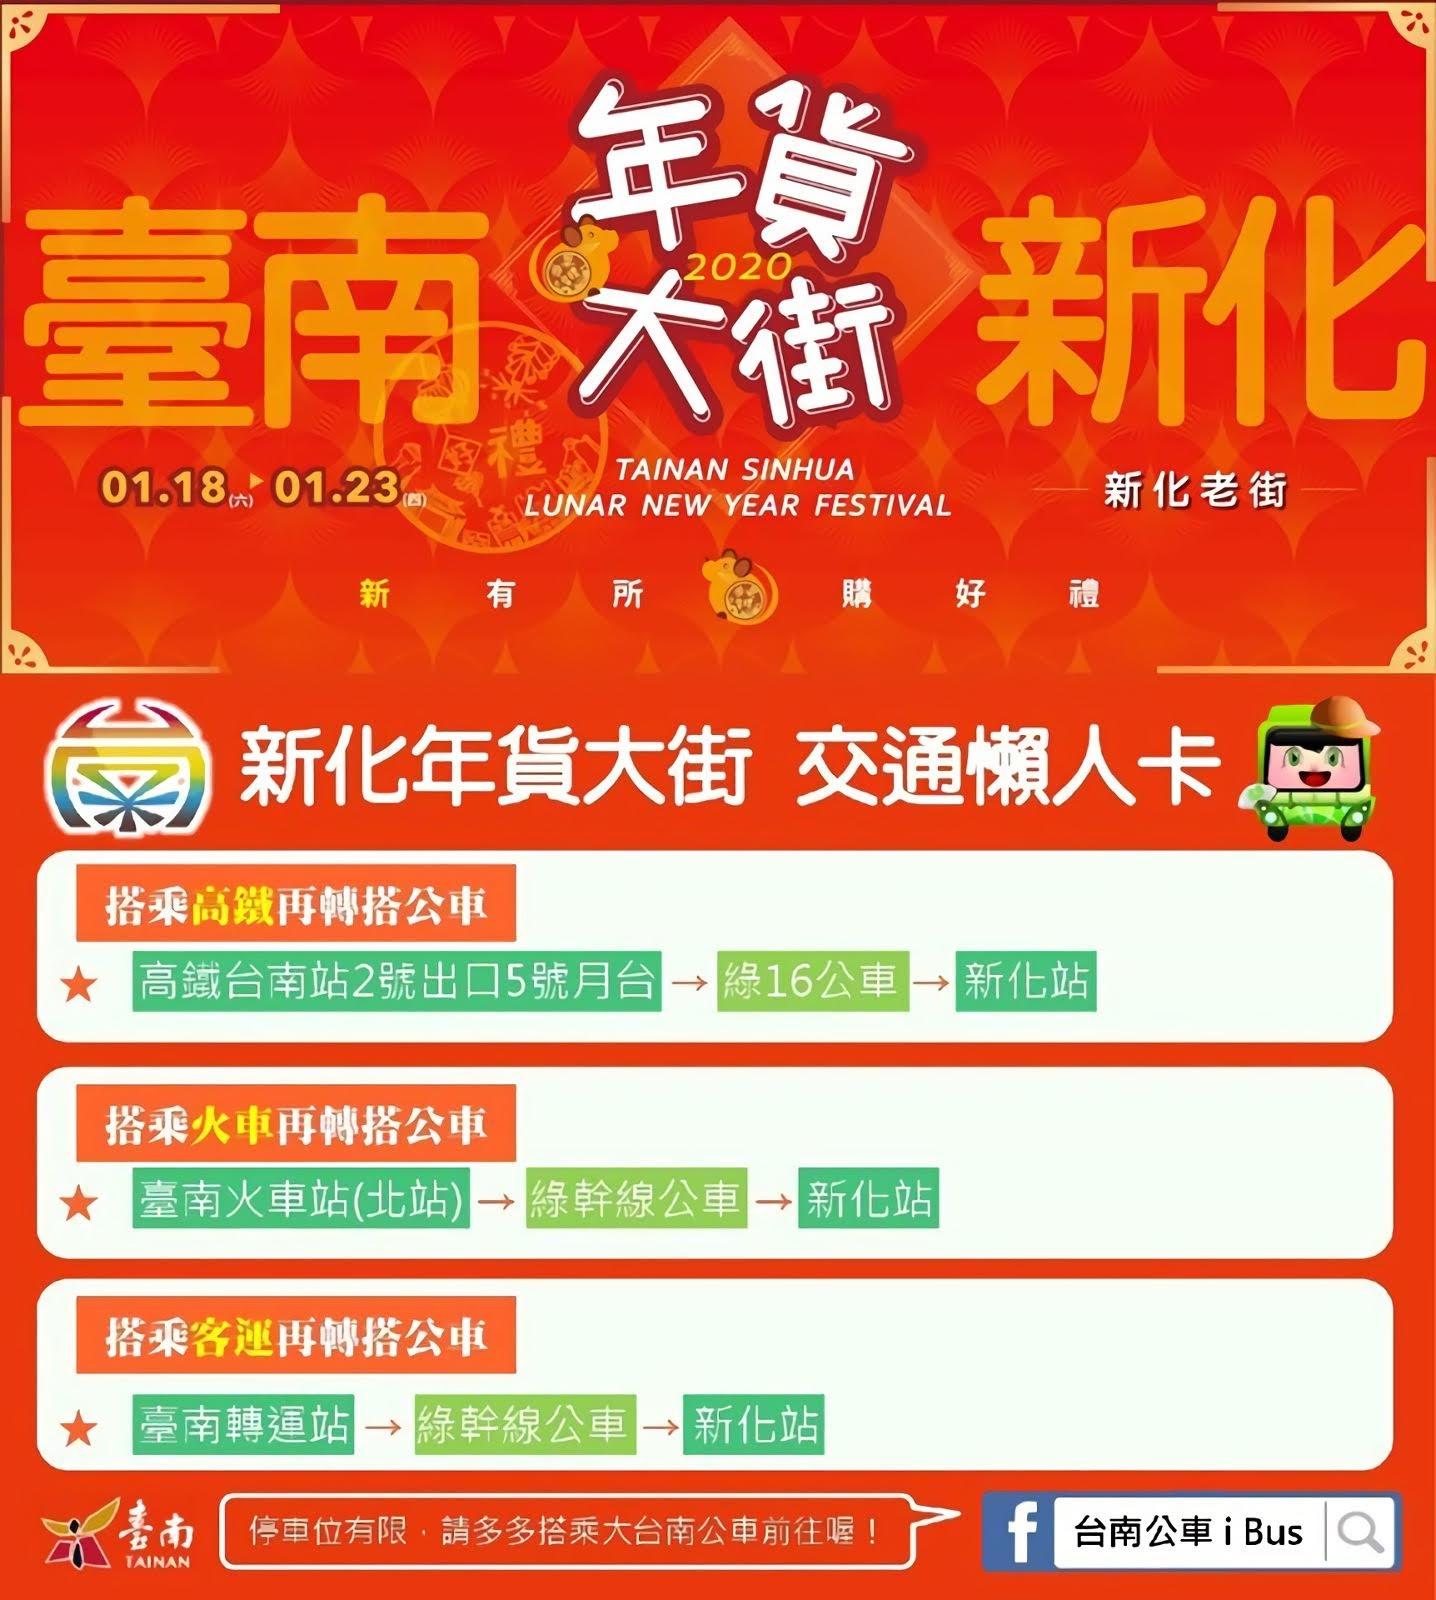 [活動] 2020台南新化年貨大街1/18登場|170家攤位×大型泰迪熊玩偶再次現身